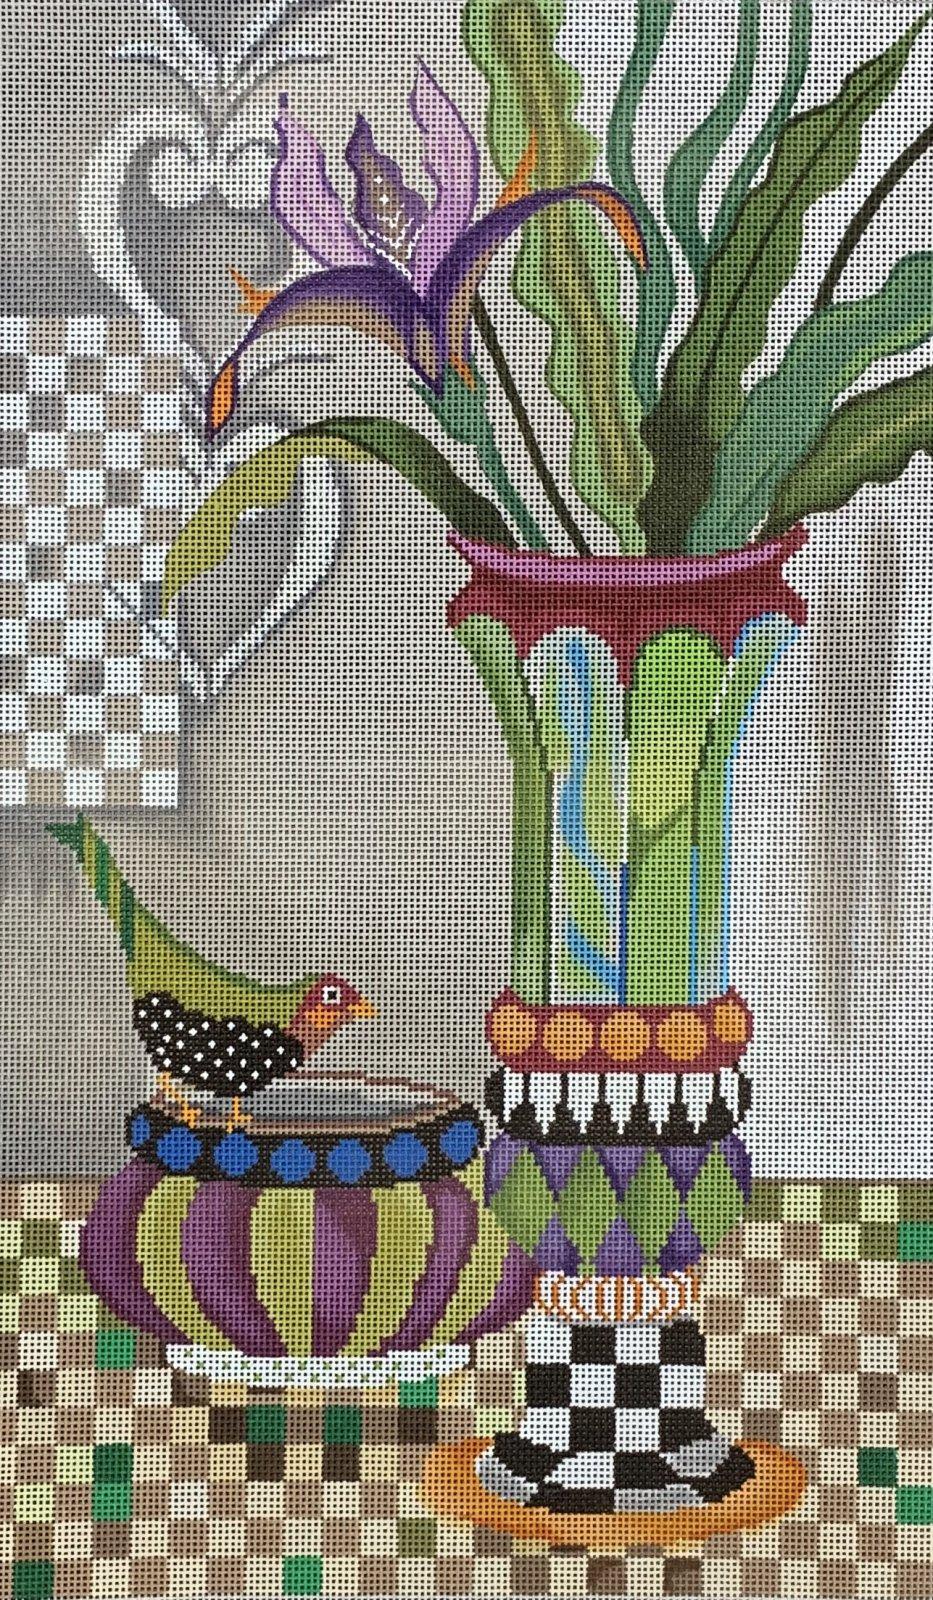 Vases and Bird